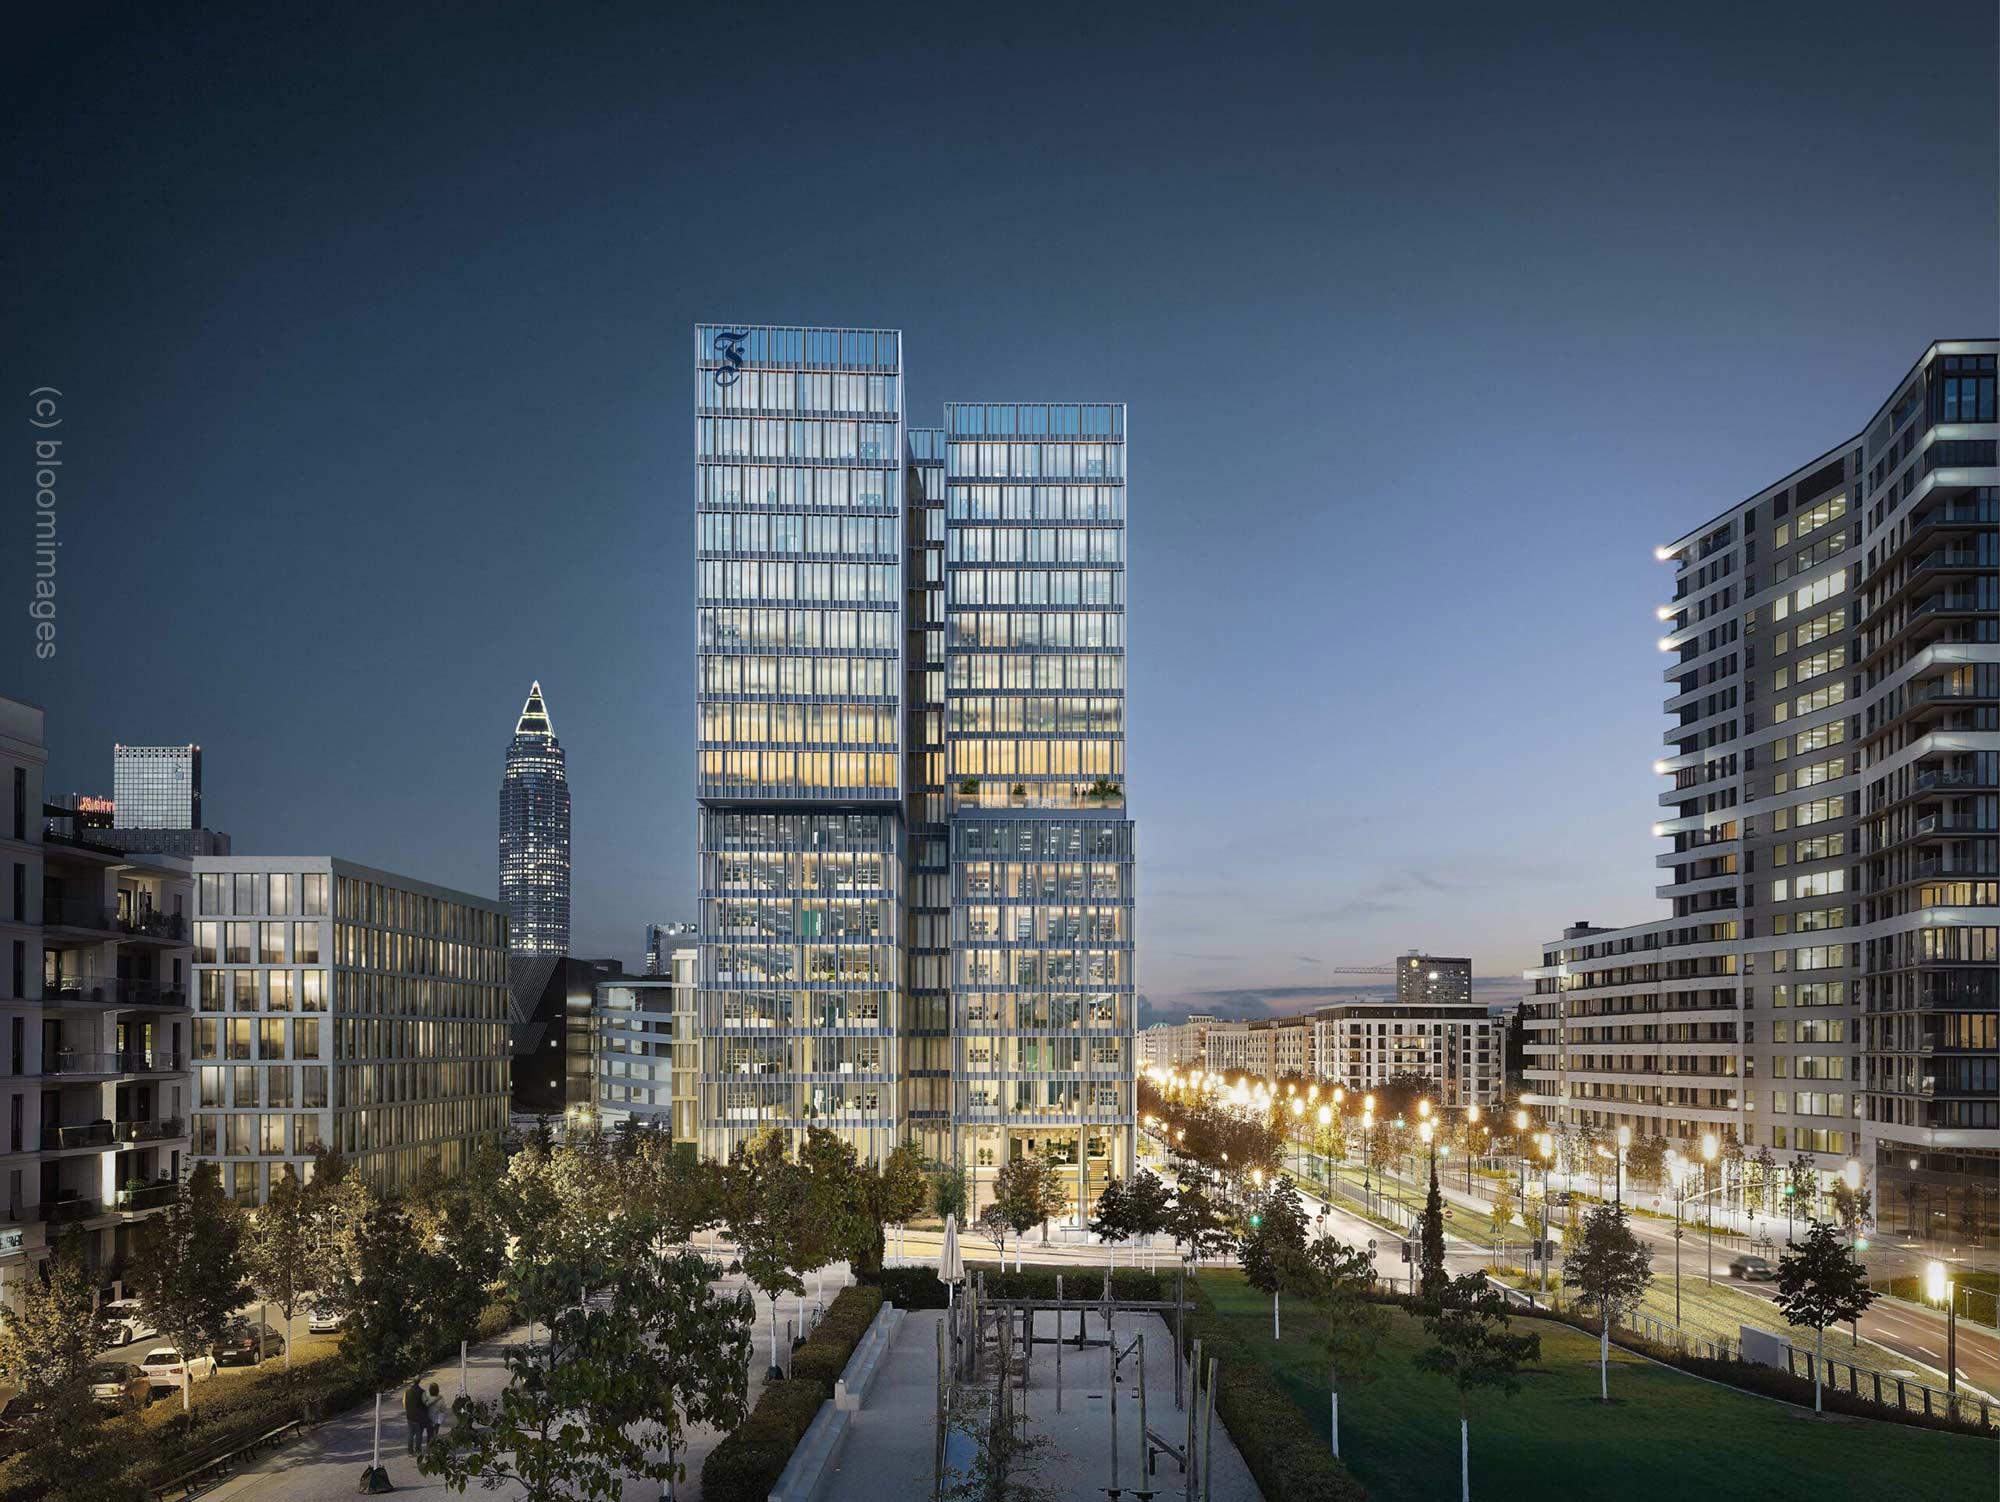 Frankfurter Allgemeine Zeitung Hochhaus - Nachtpanorama - FAZ Panorama von bloom images